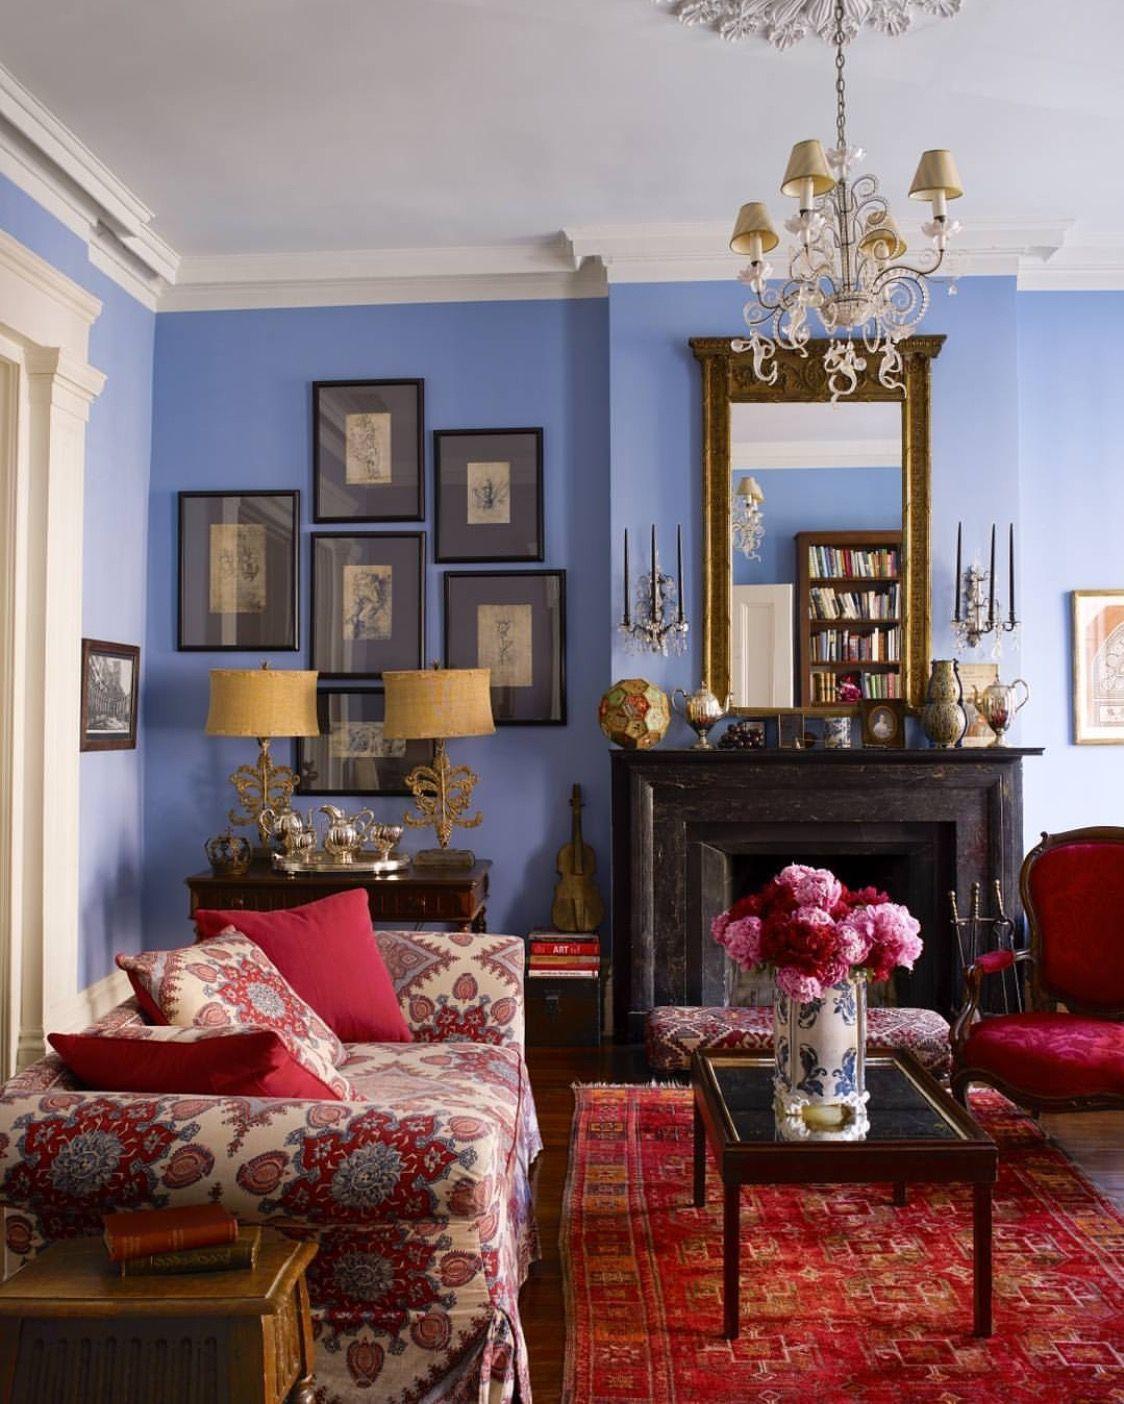 pin by ferda ar on l v ng room 2 pinterest rugs in living room rh pinterest ch